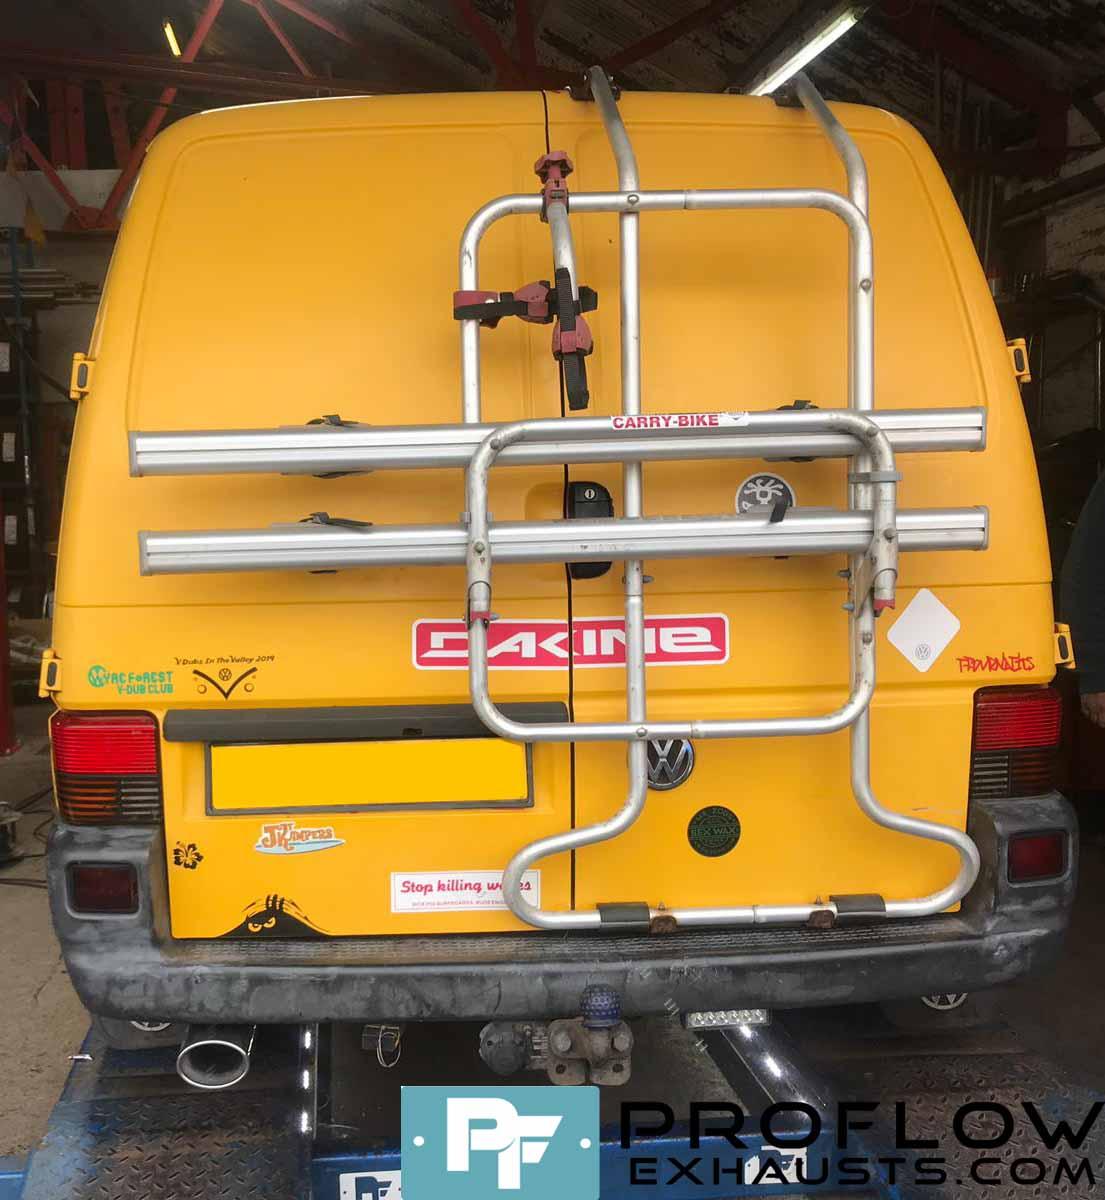 VW T4 Custom Exhaust Custom Built Stainless Steel Proflow (3)